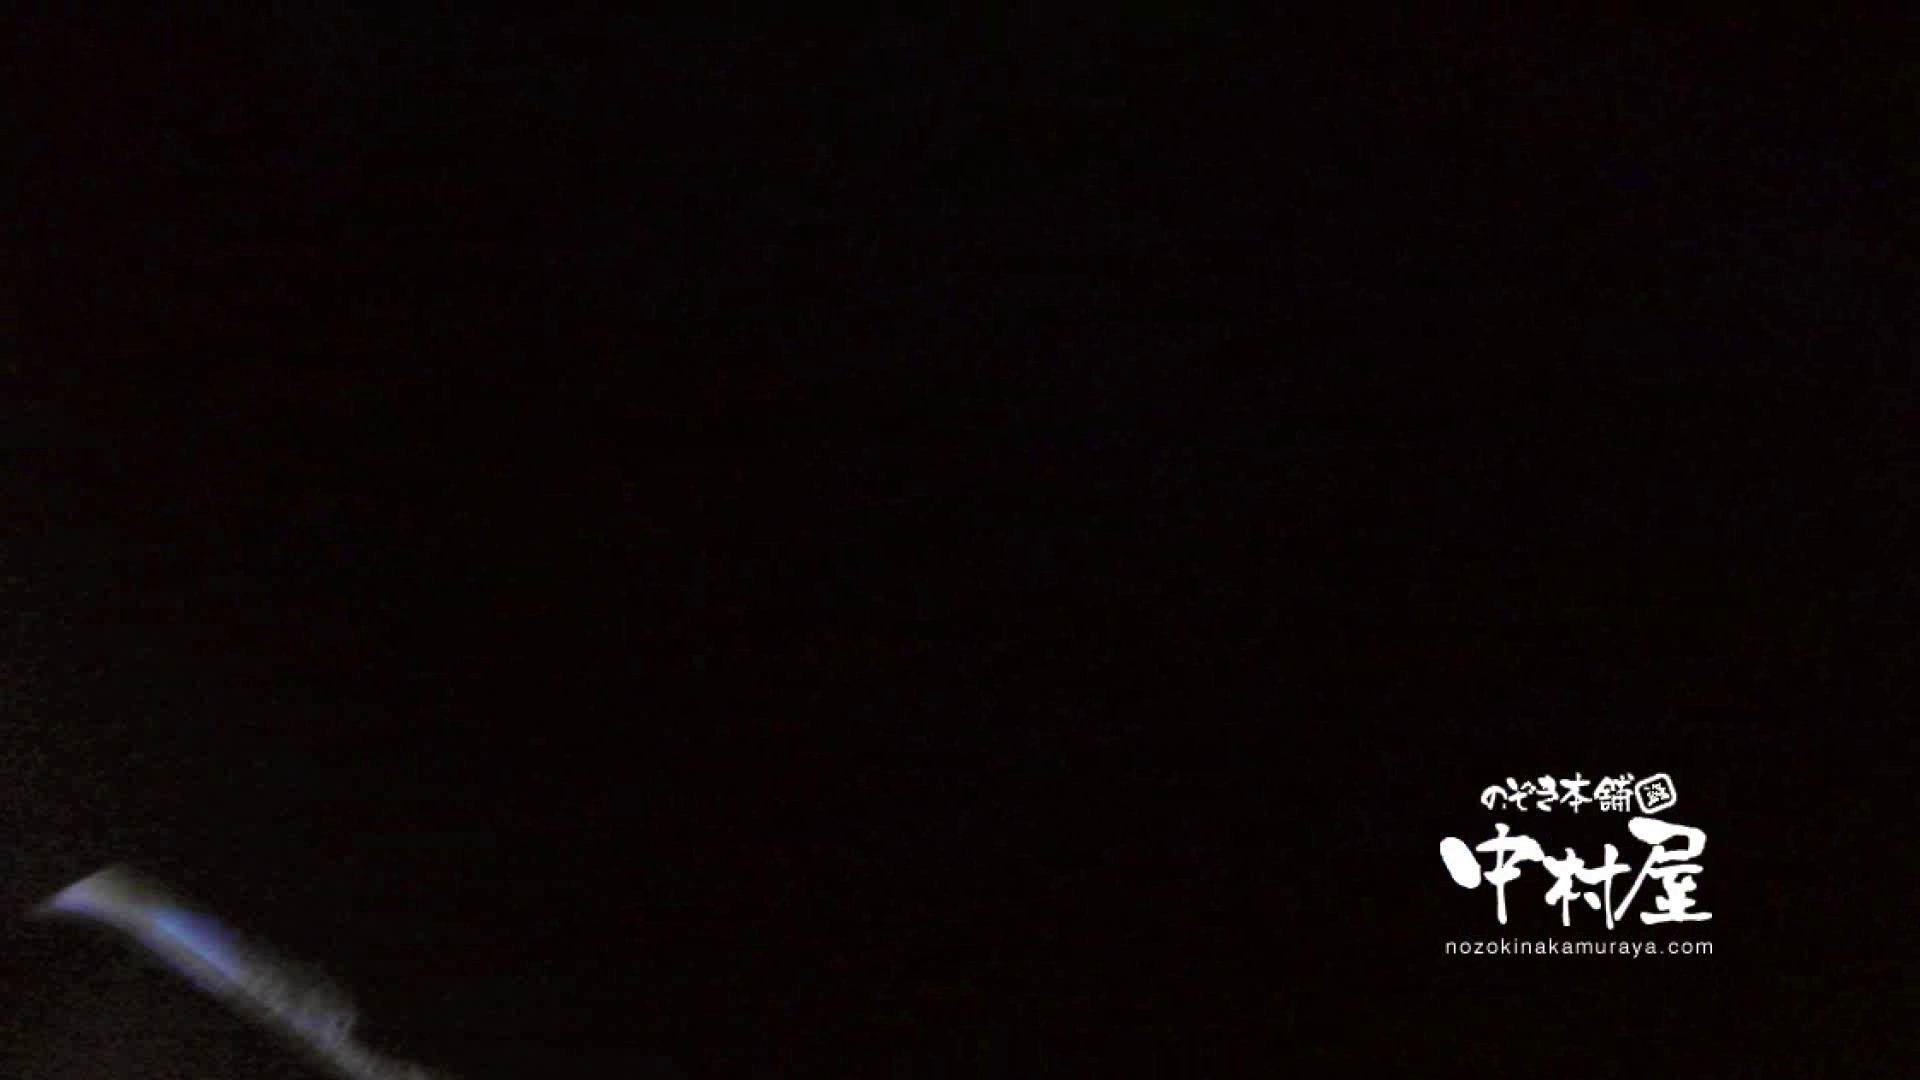 鬼畜 vol.12 剥ぎ取ったら色白でゴウモウだった 前編 鬼畜 | 綺麗なOLたち  101枚 67